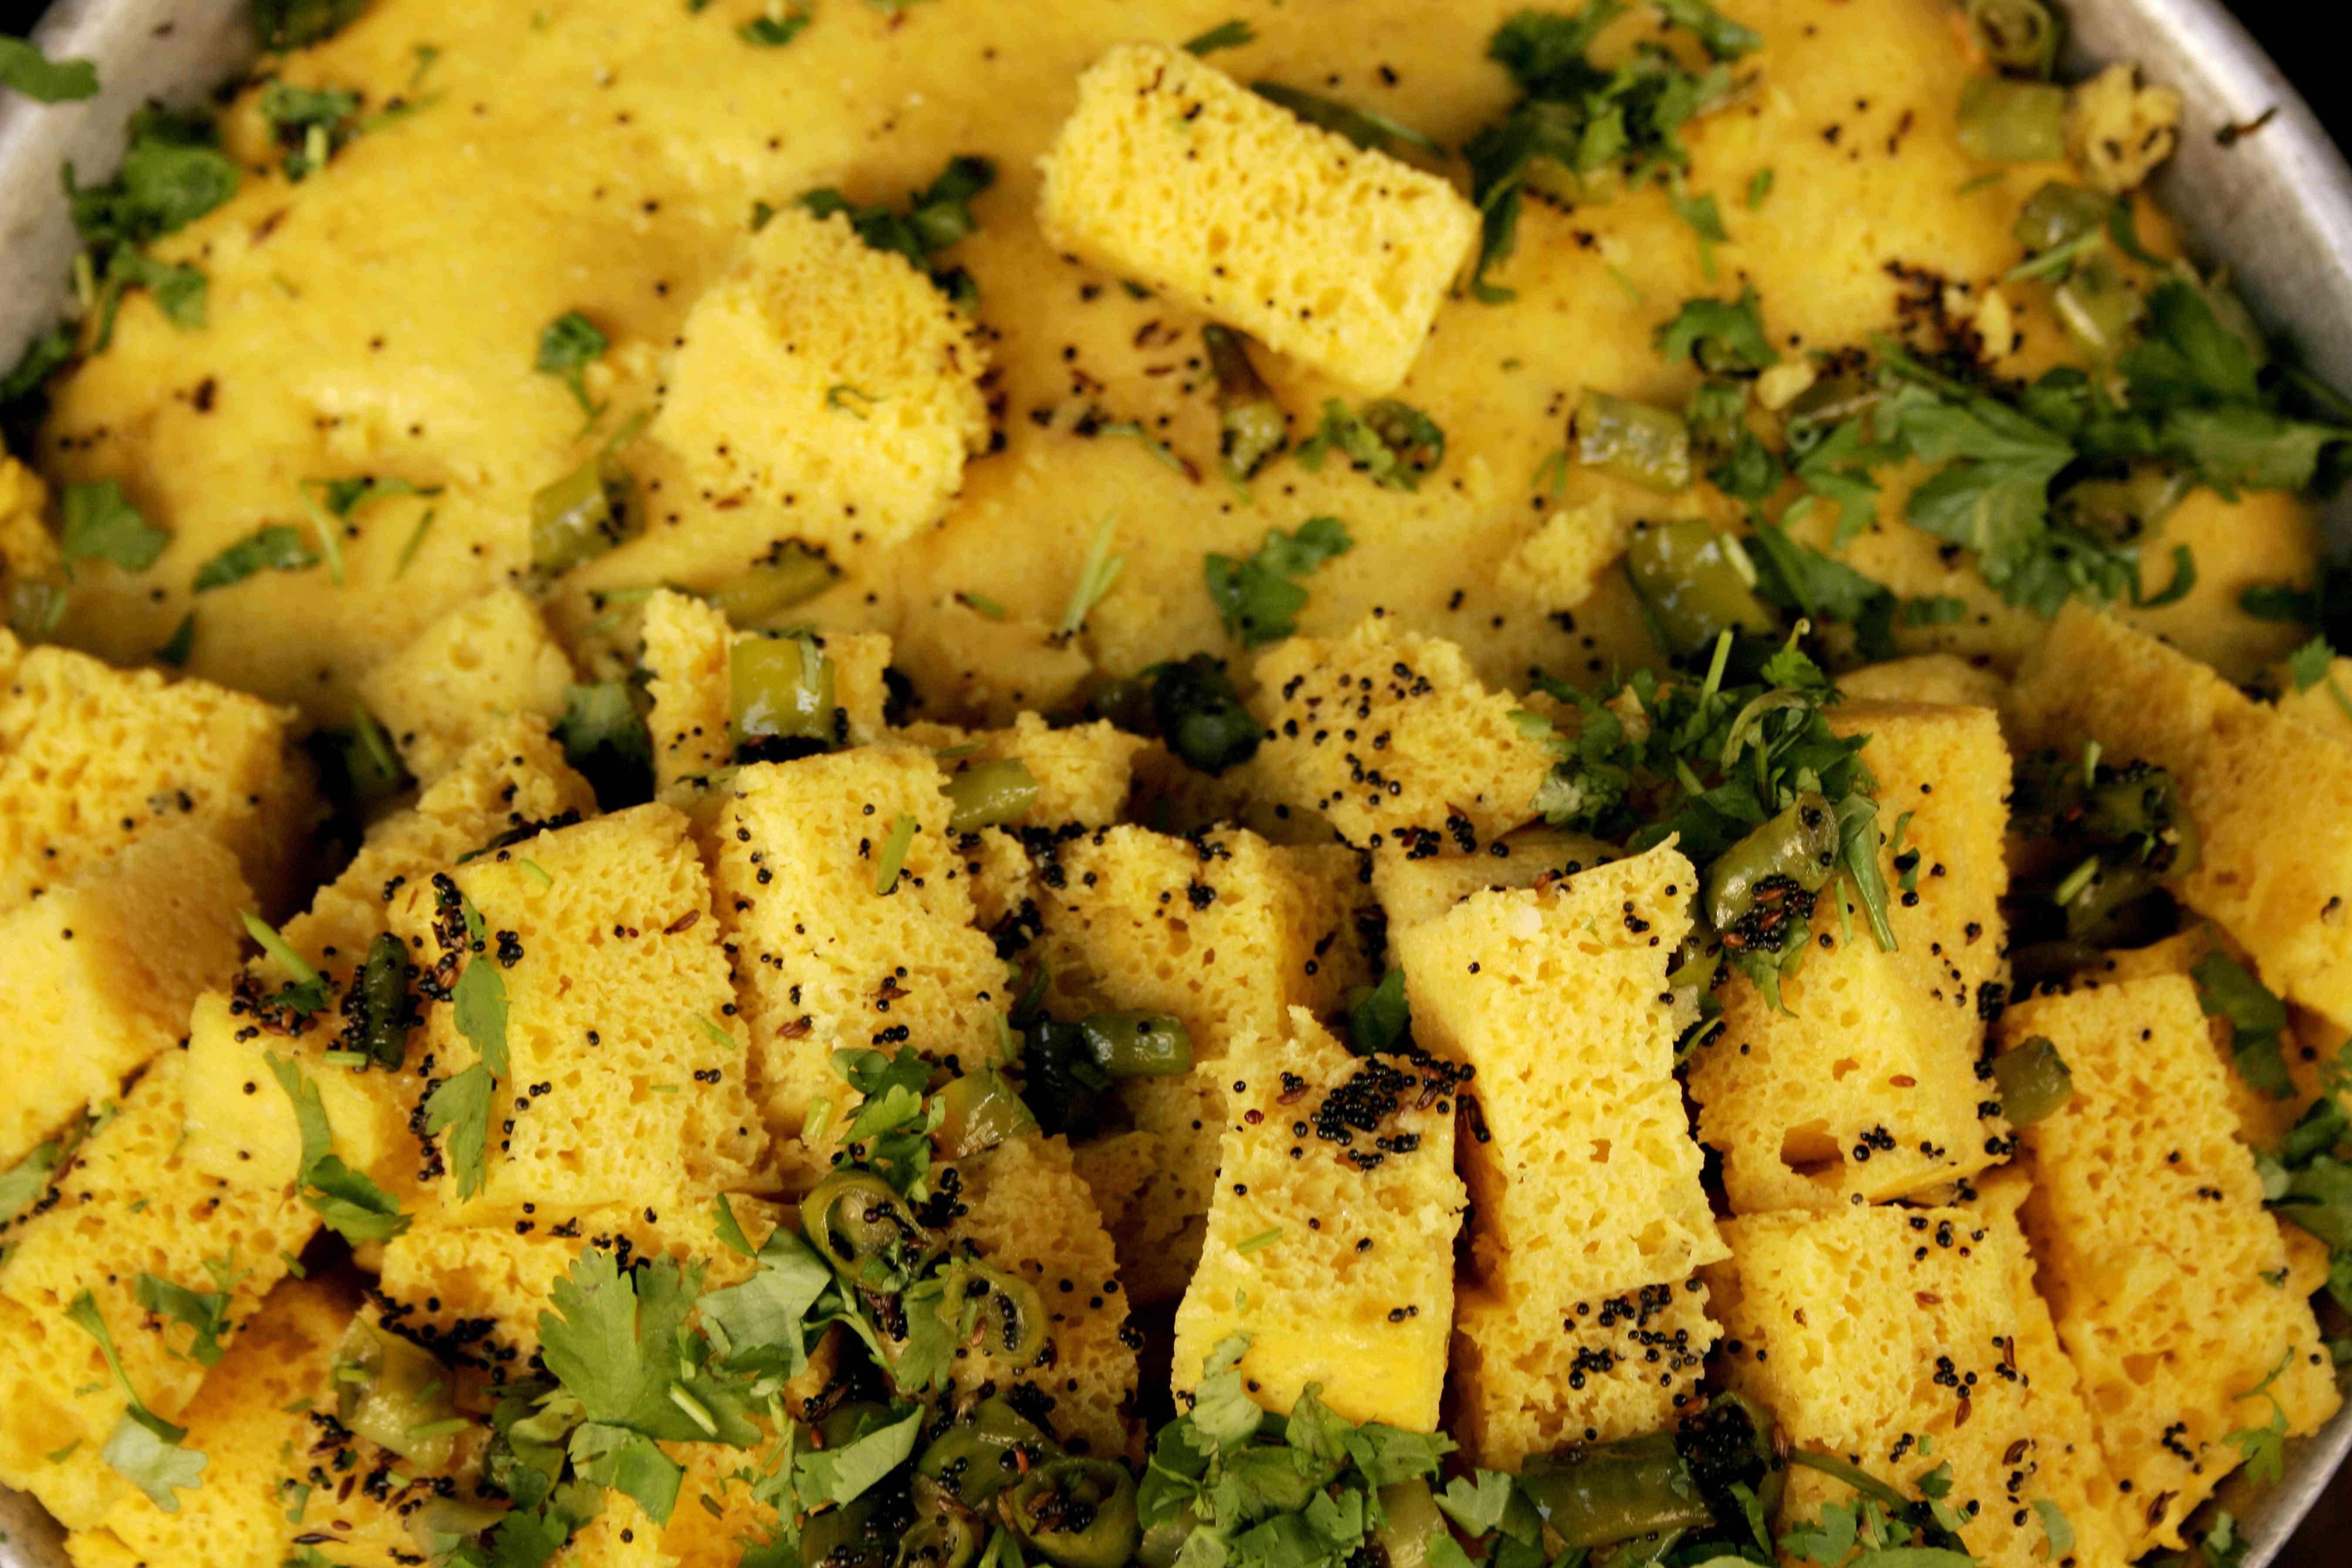 Indian snack called khaman dhokla in Nathdwara, Rajasthan, India.